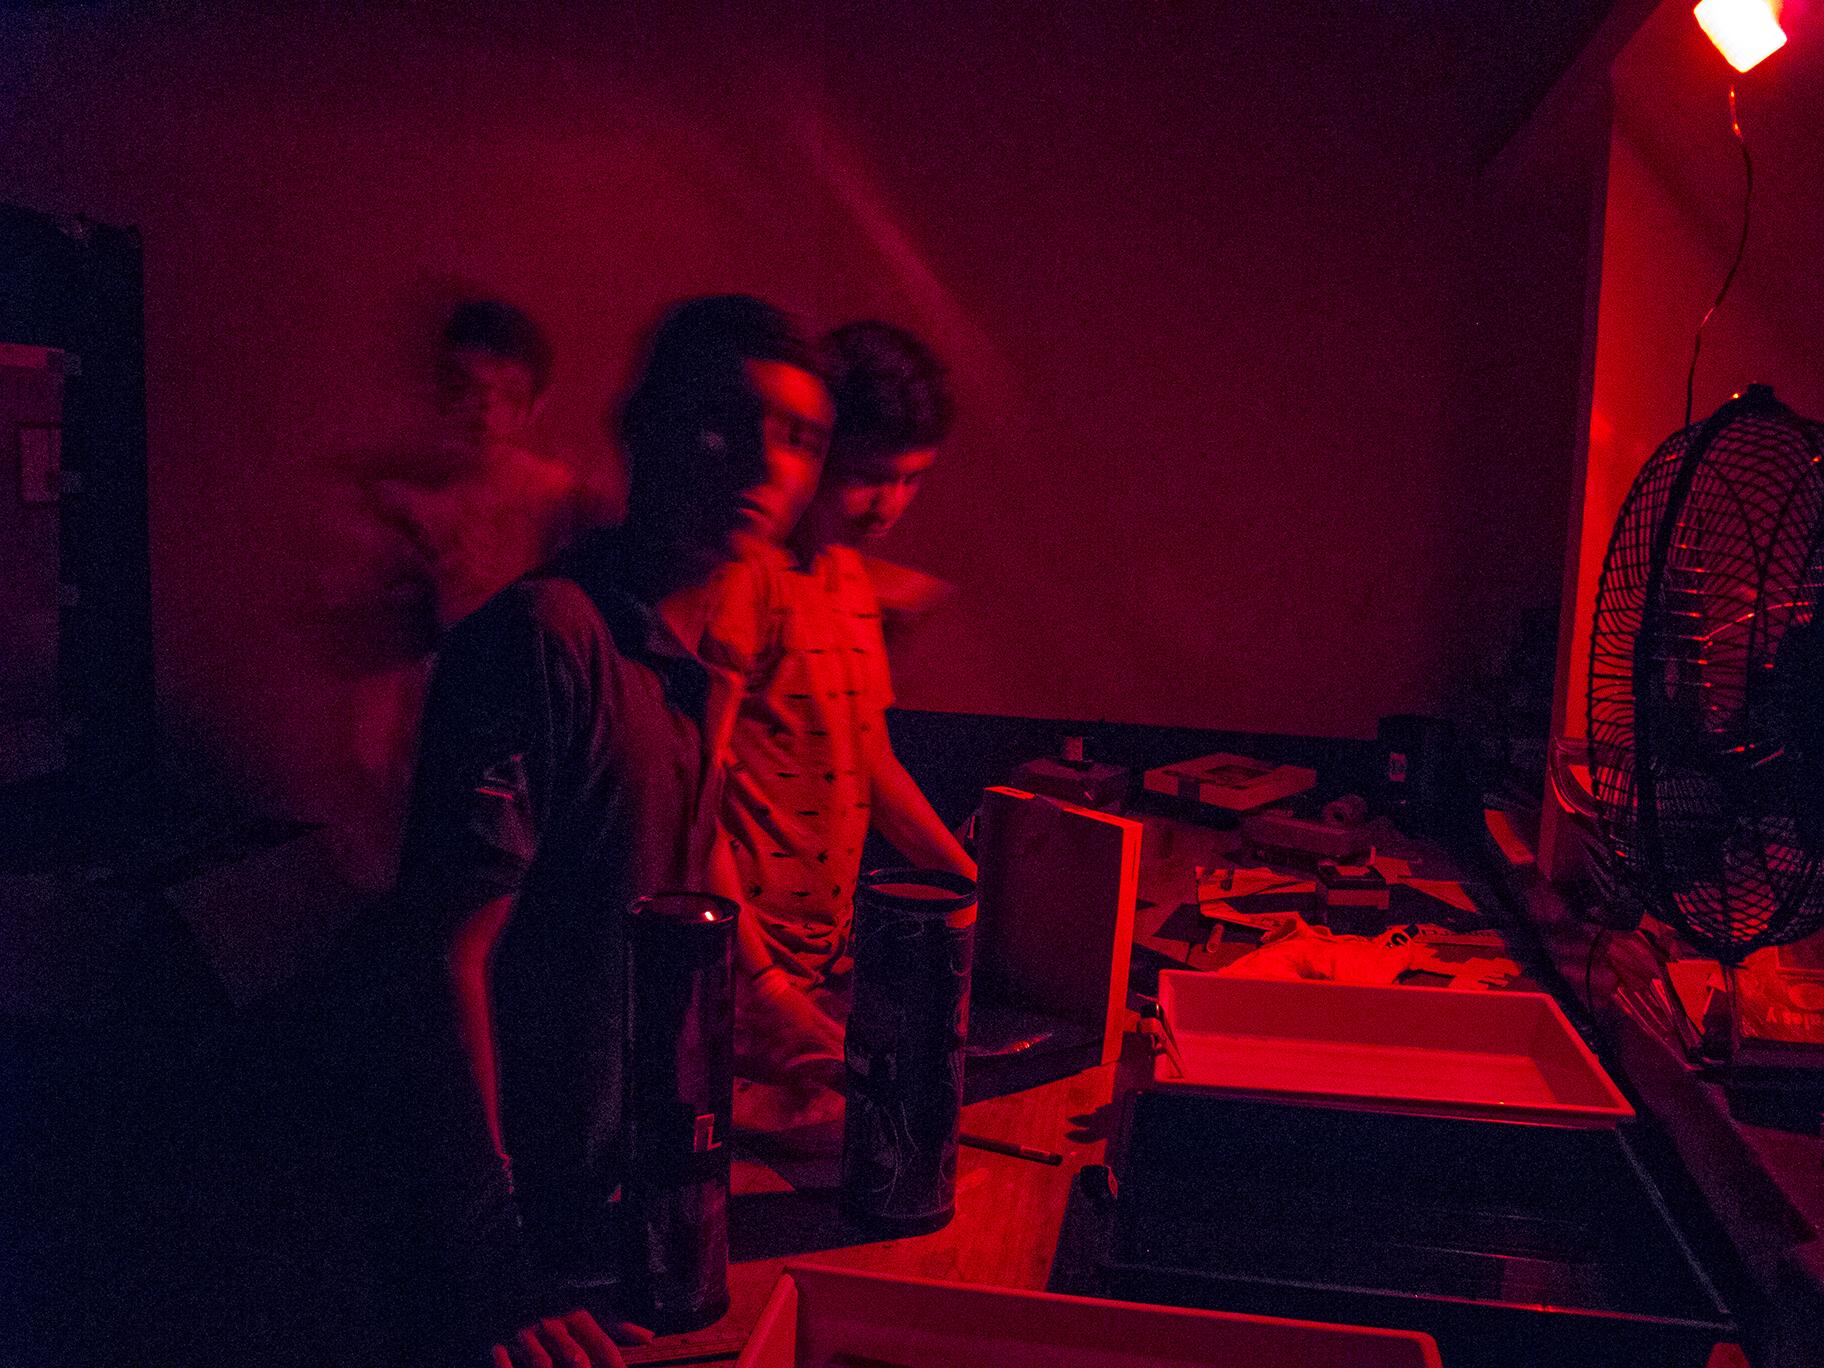 cuarto oscuro 002_11.jpg